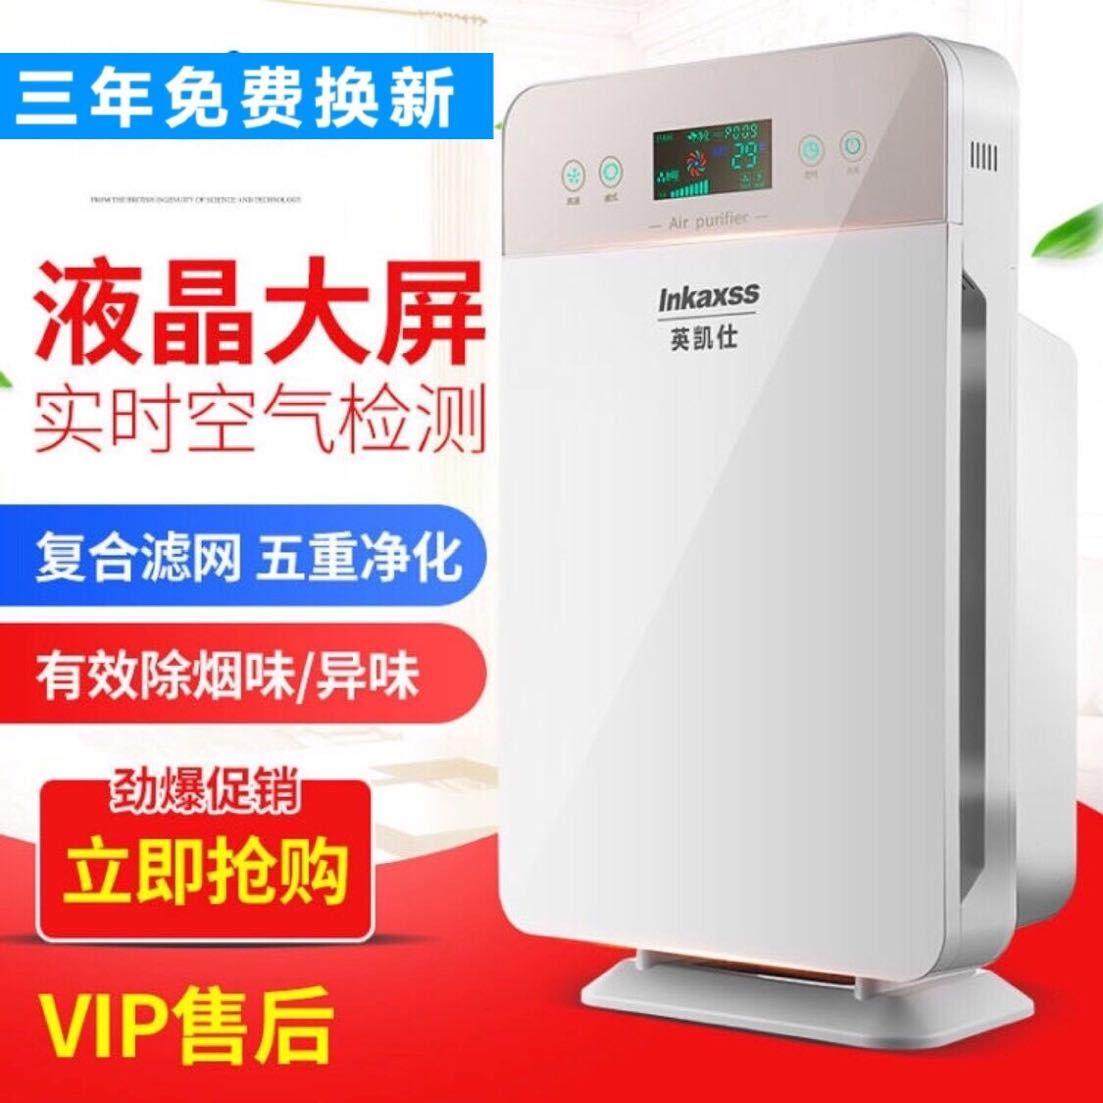 [小乐精品商贸城空气净化器]美的品质除湿机家用静音吸湿器抽湿机干月销量0件仅售218元